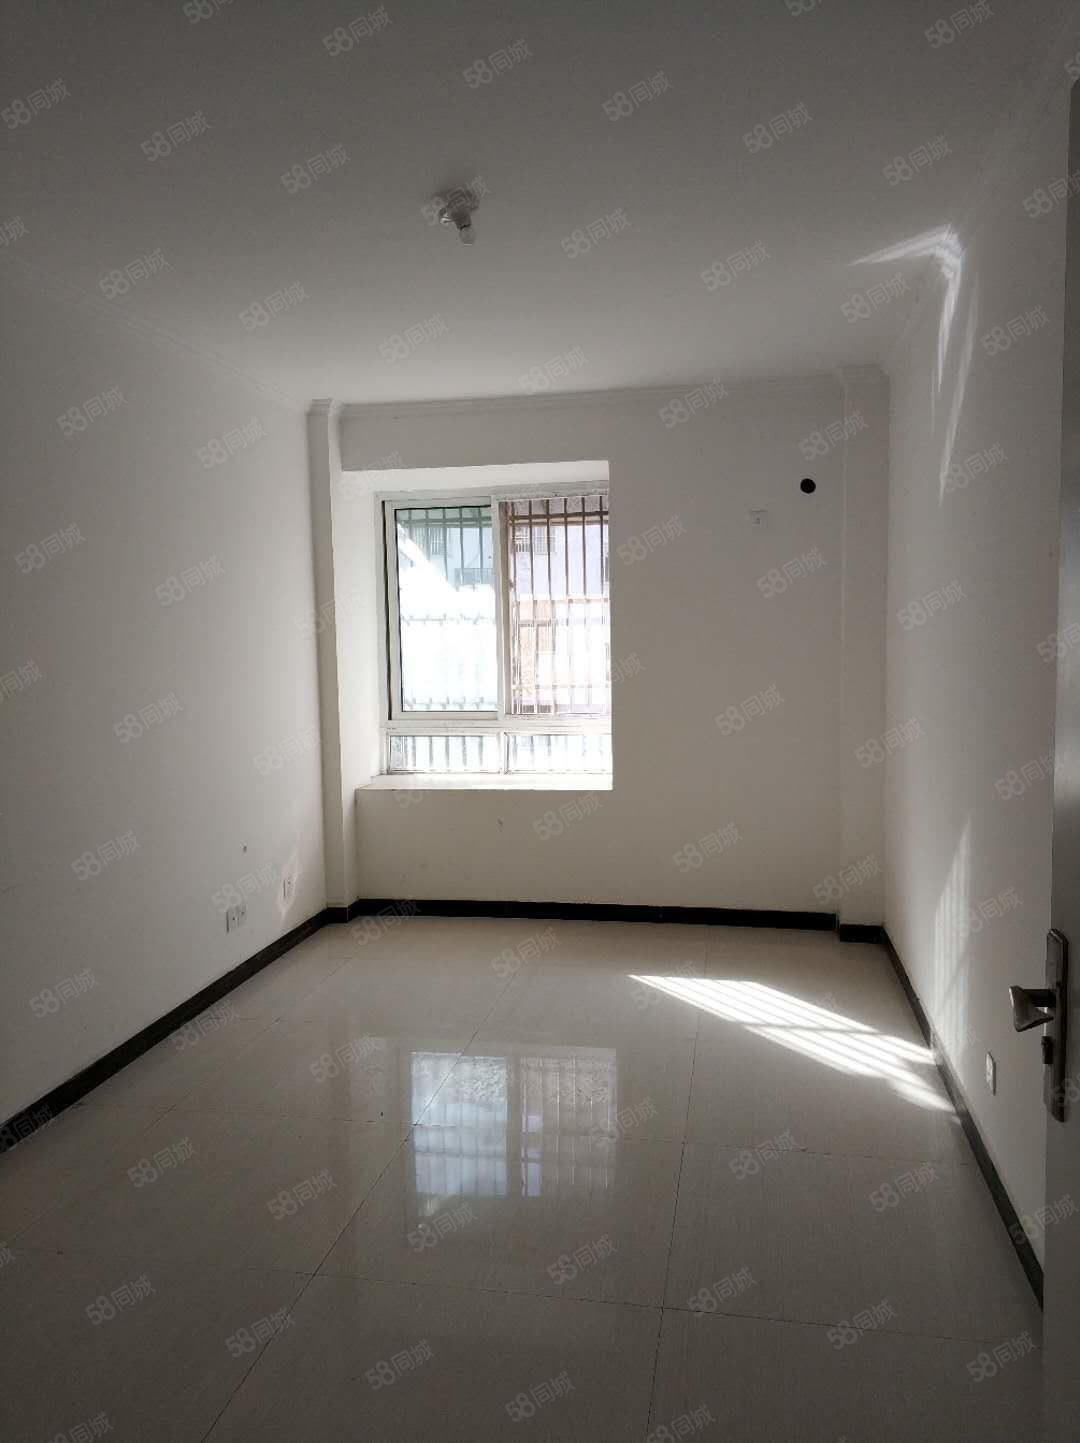 学校区房花都小区四室两厅简单装修随时看房